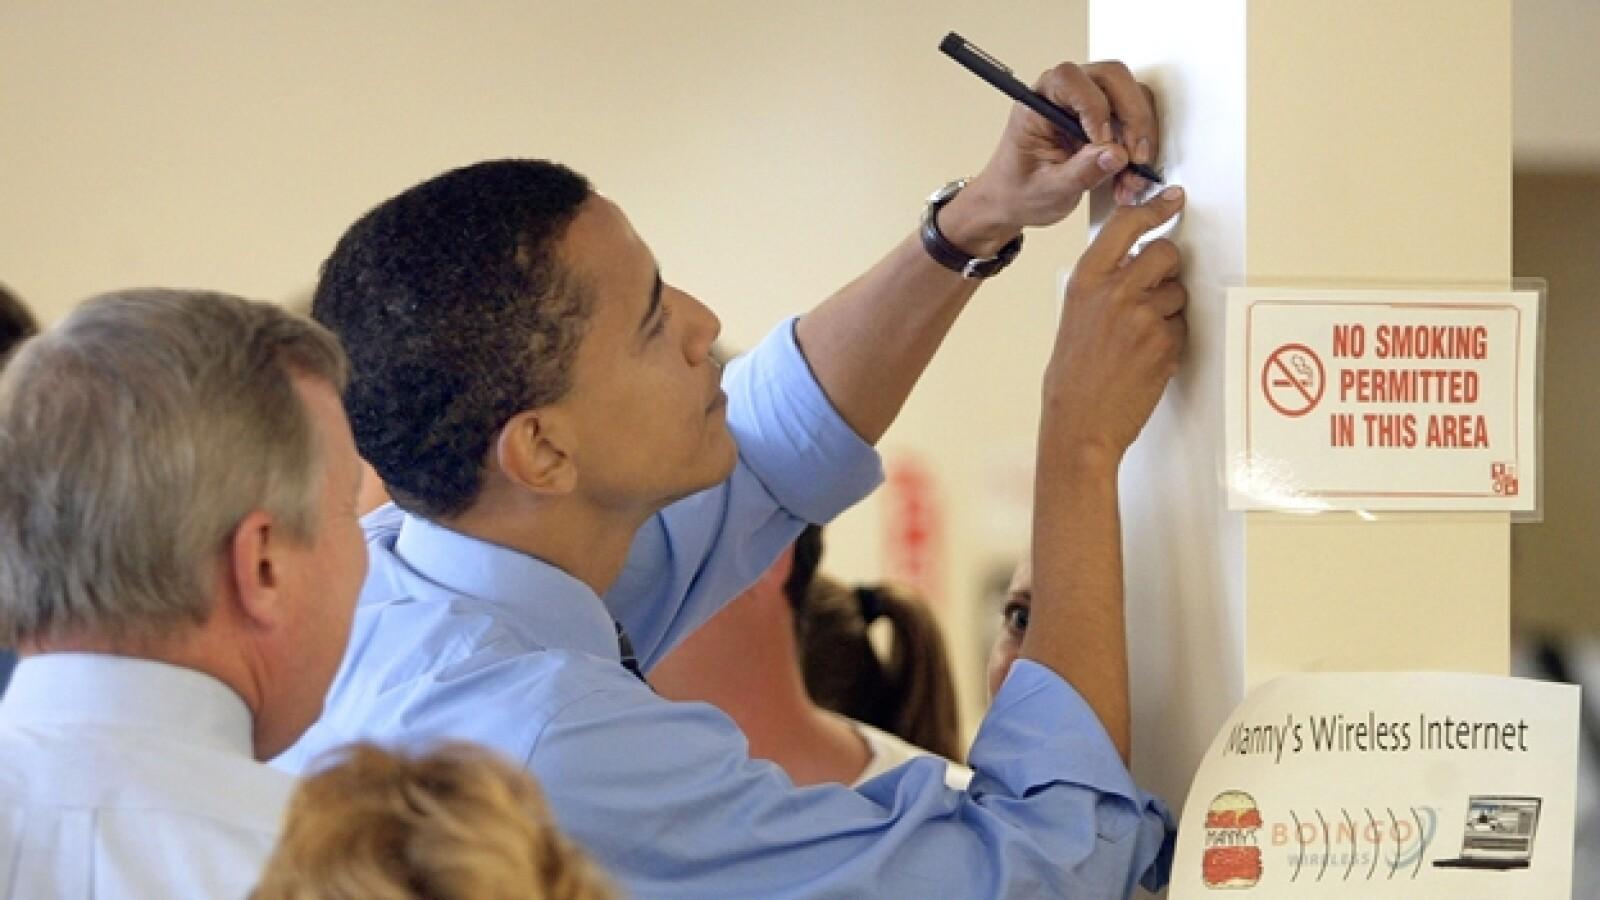 obama escribe en un muro con la mano izquierda